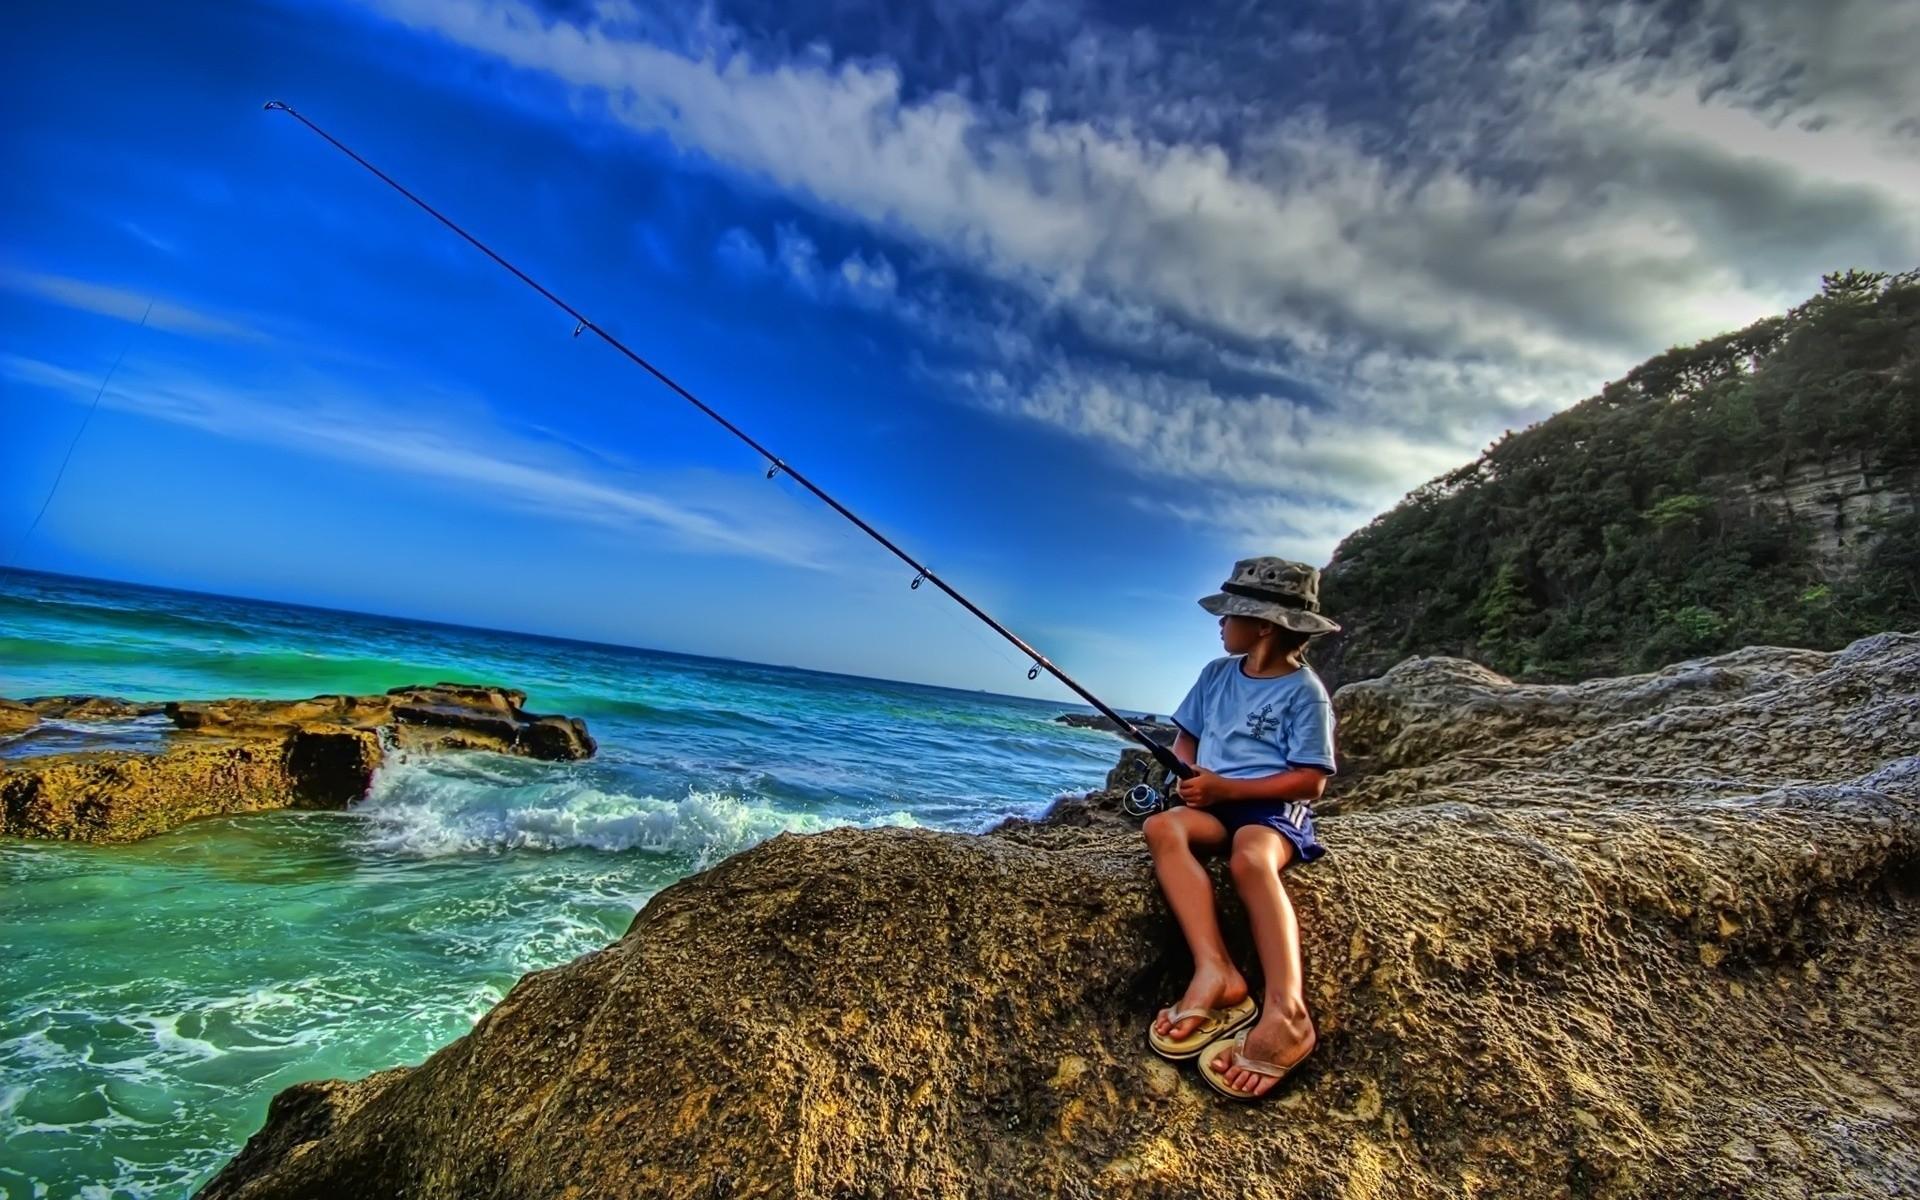 Класс, красивые картинки и фото про рыбалку